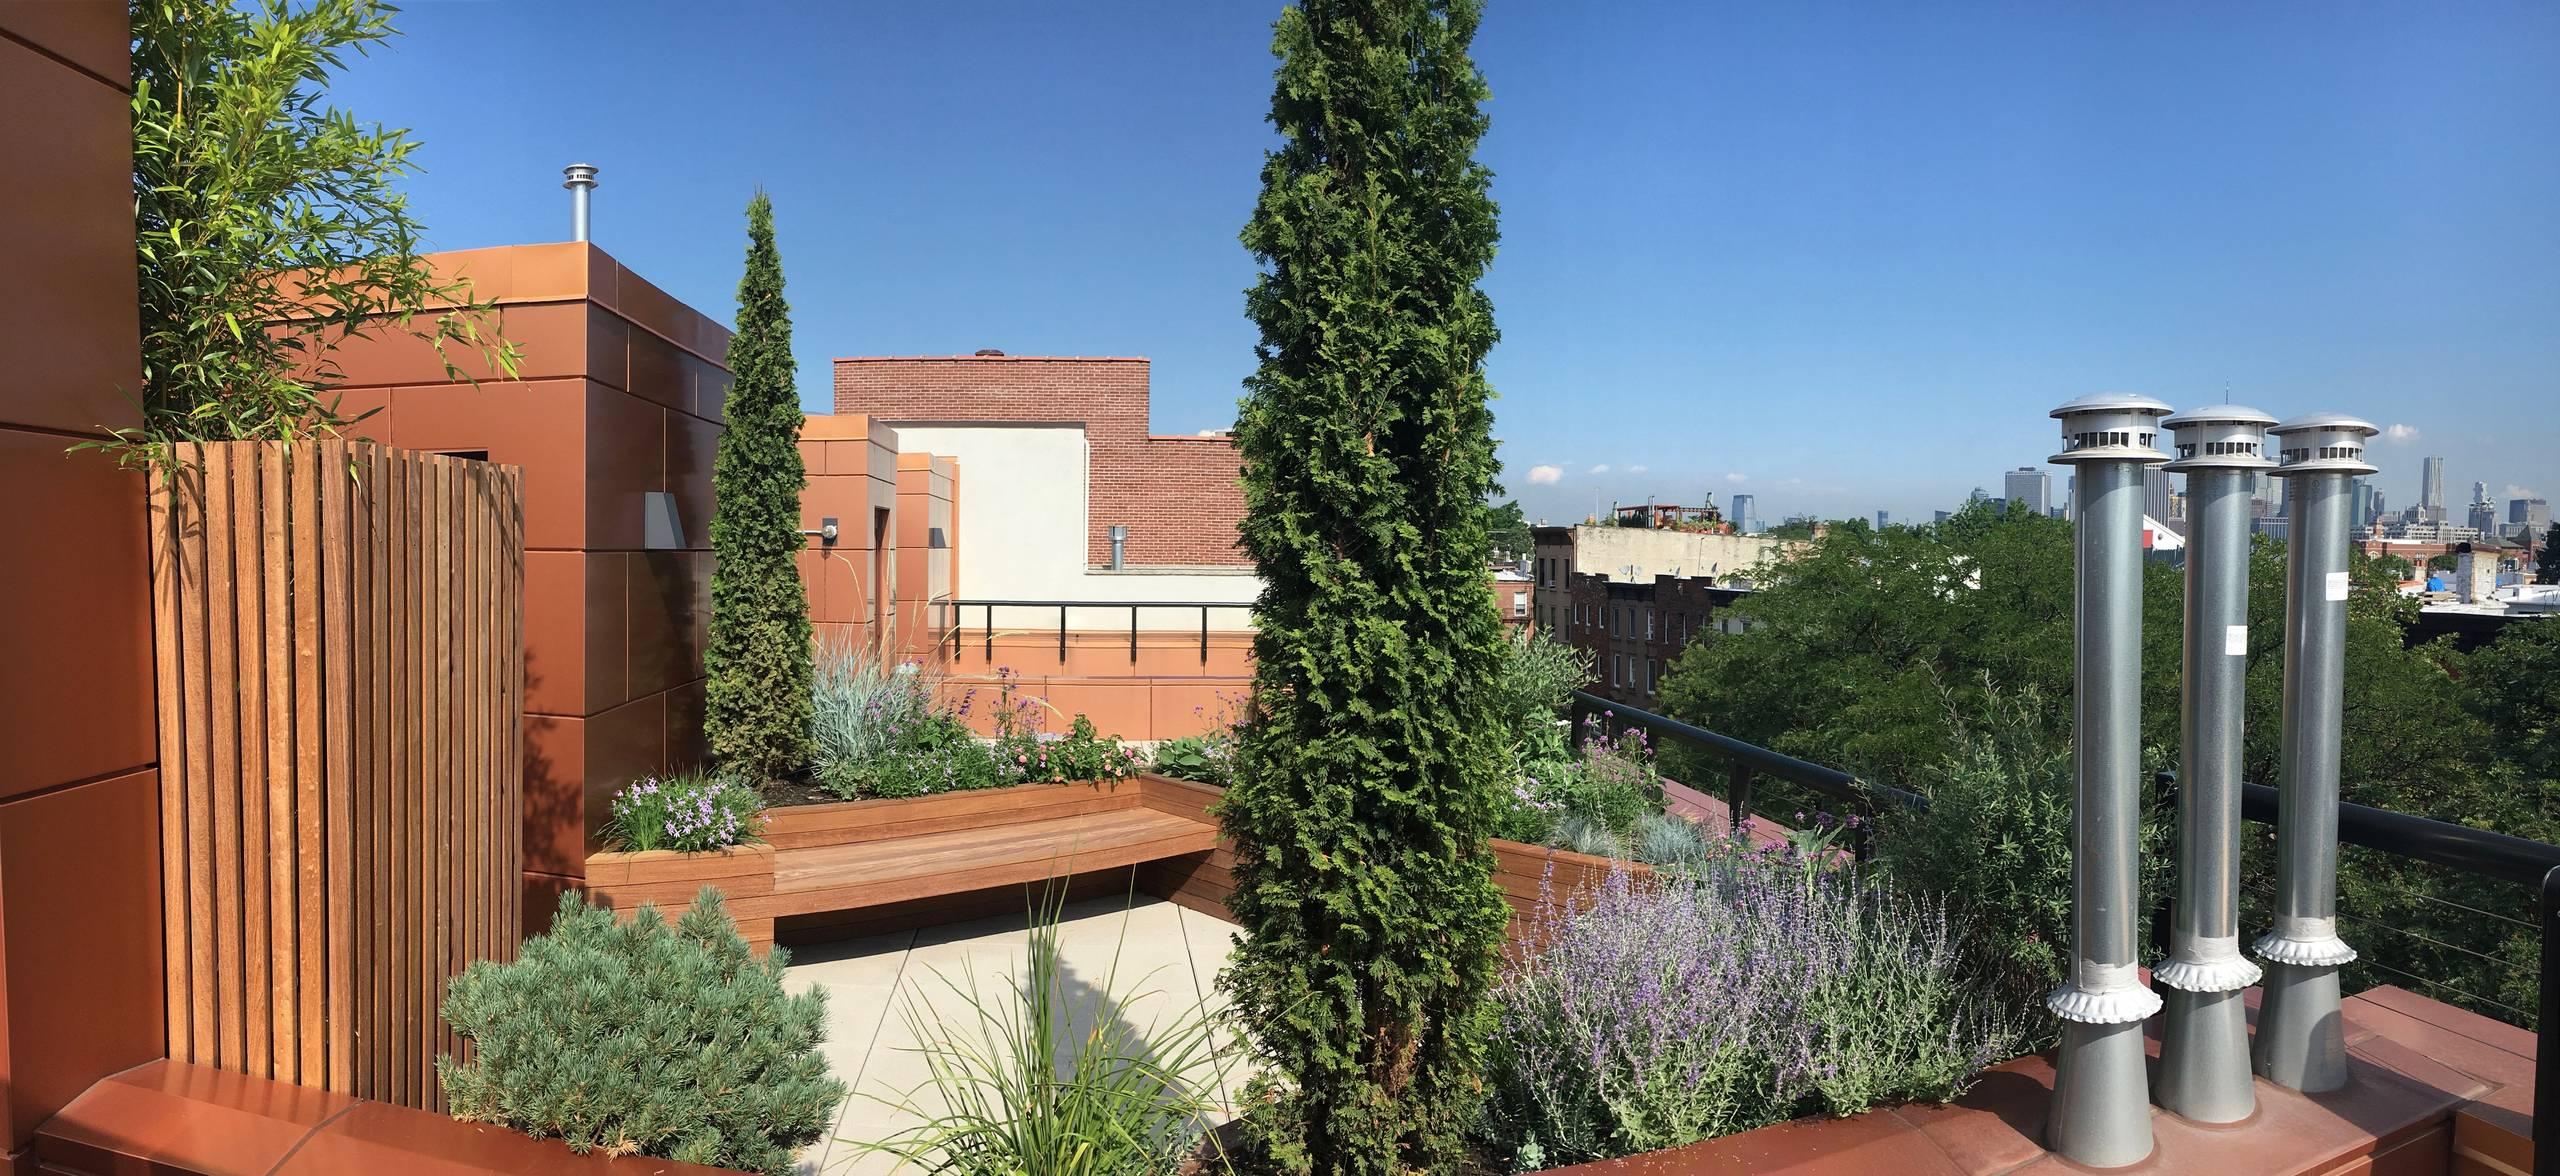 Rooftop garden 5